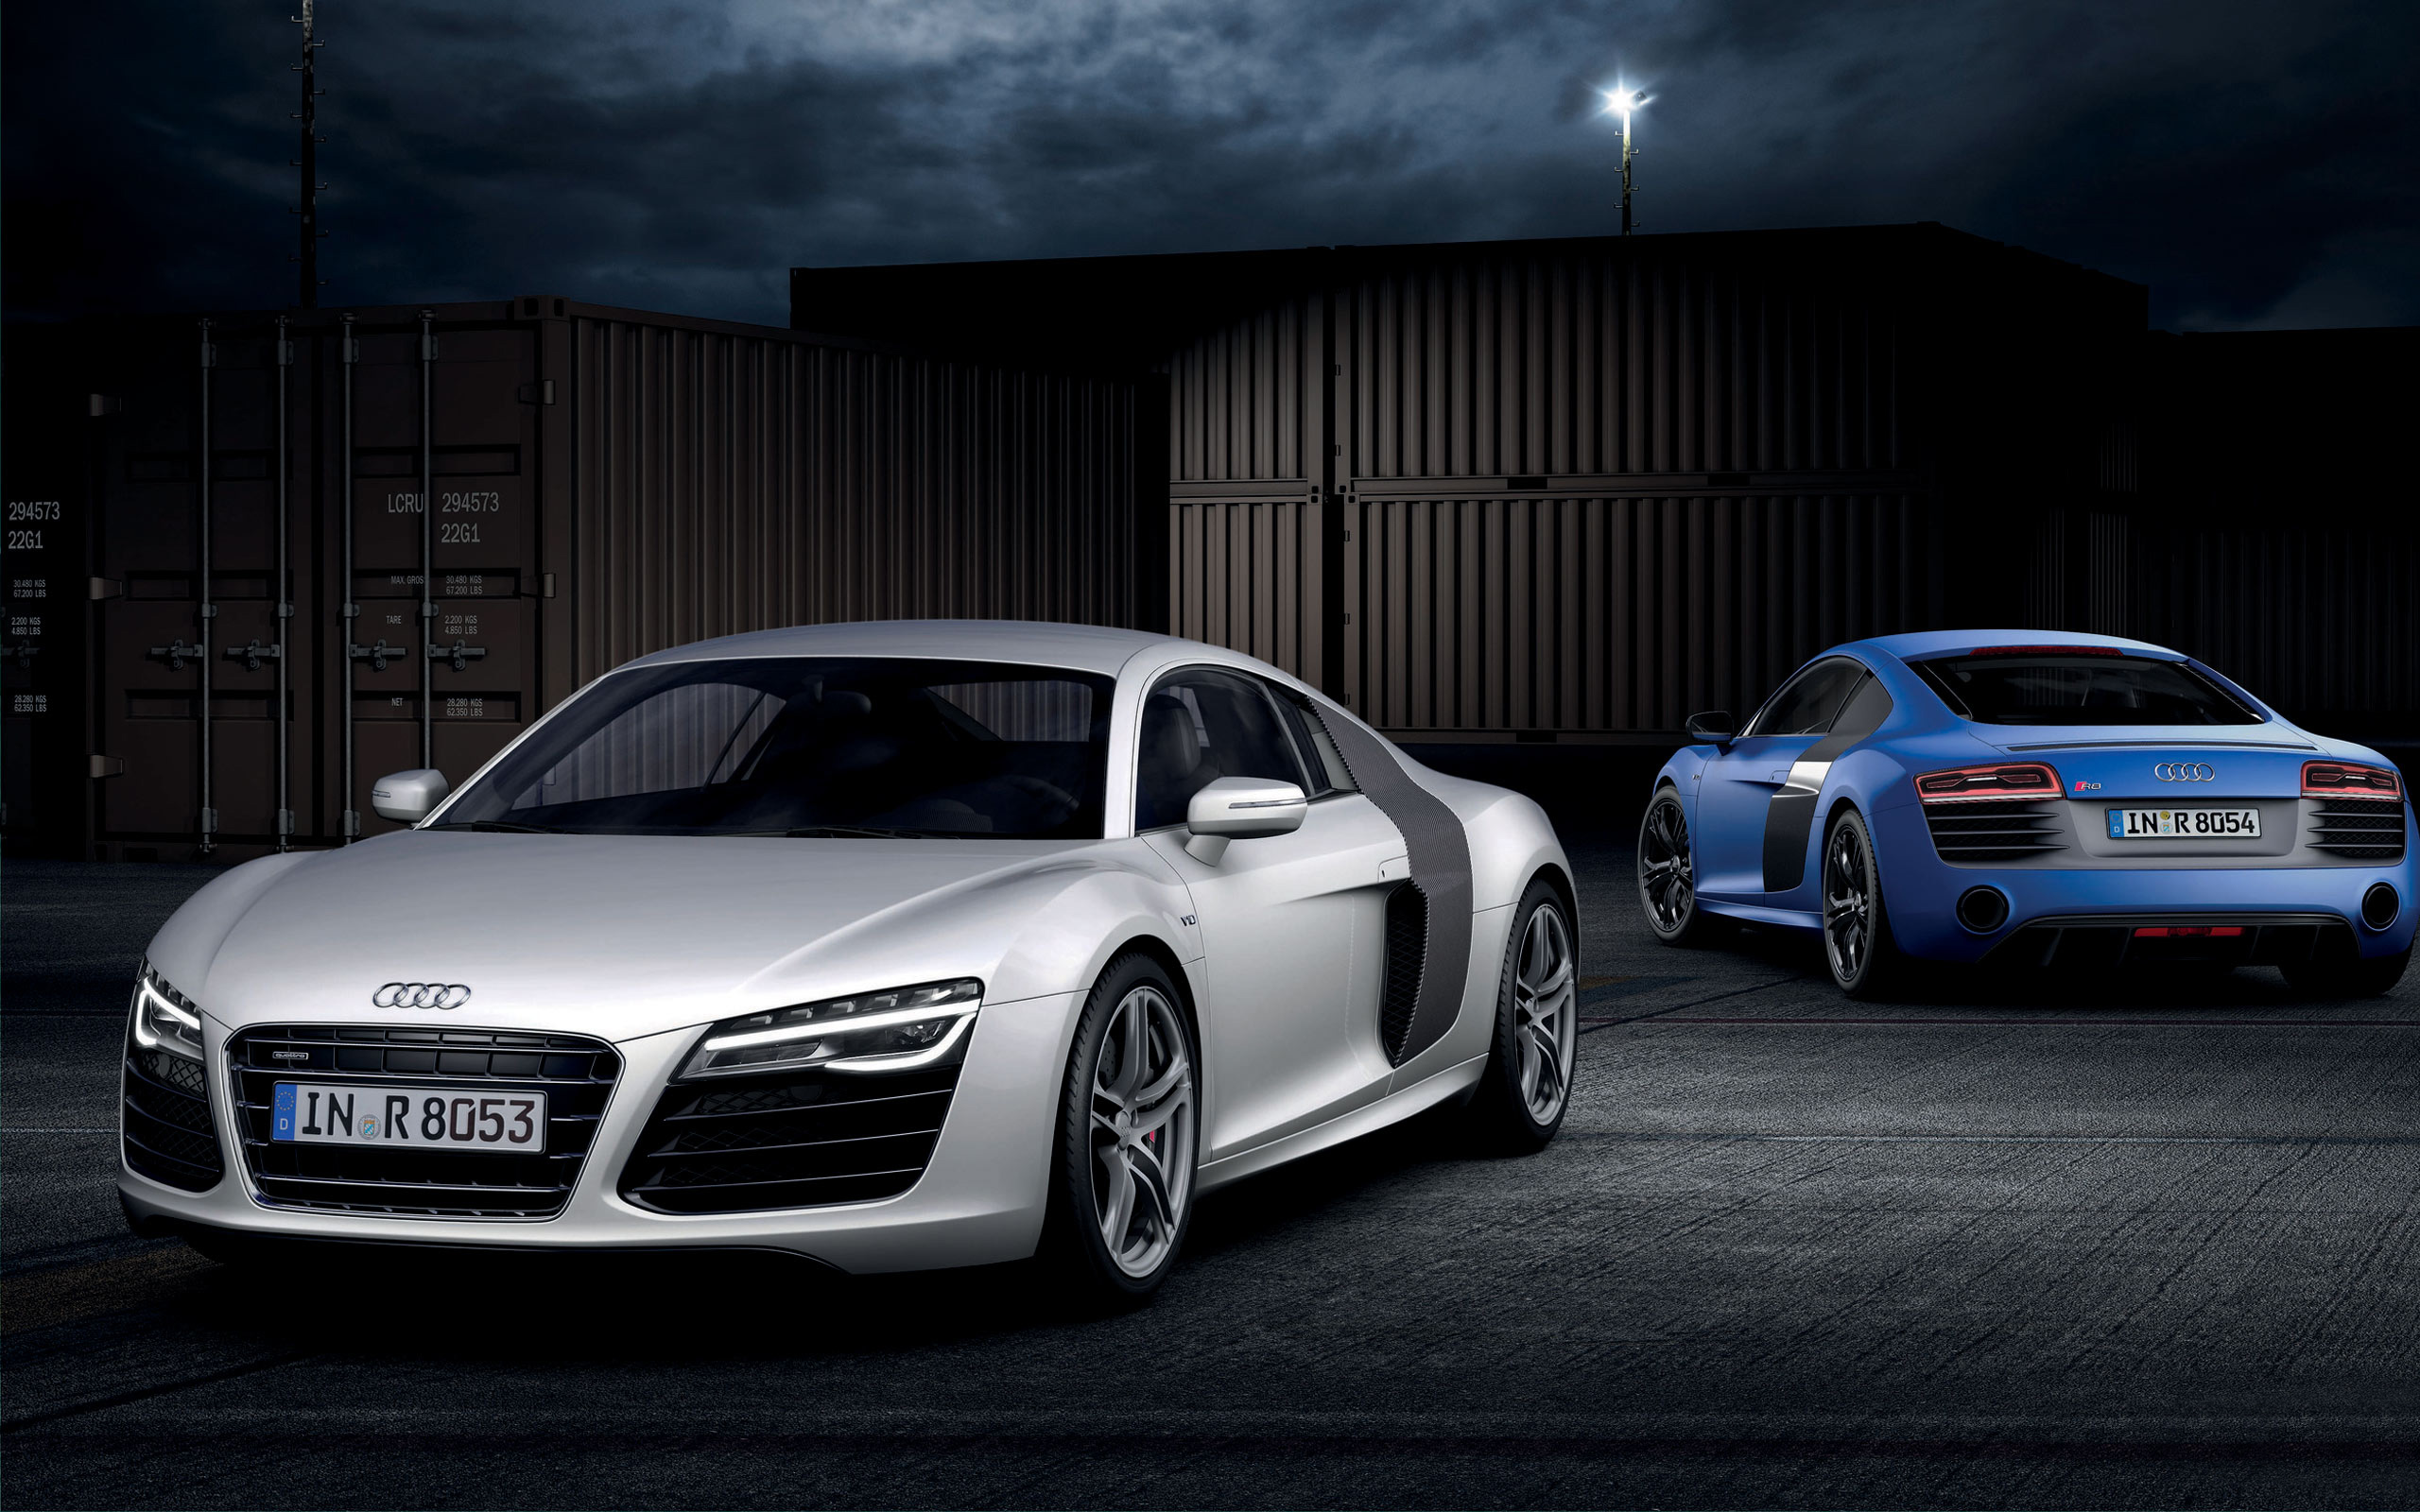 Audi septet inbound for Project CARS